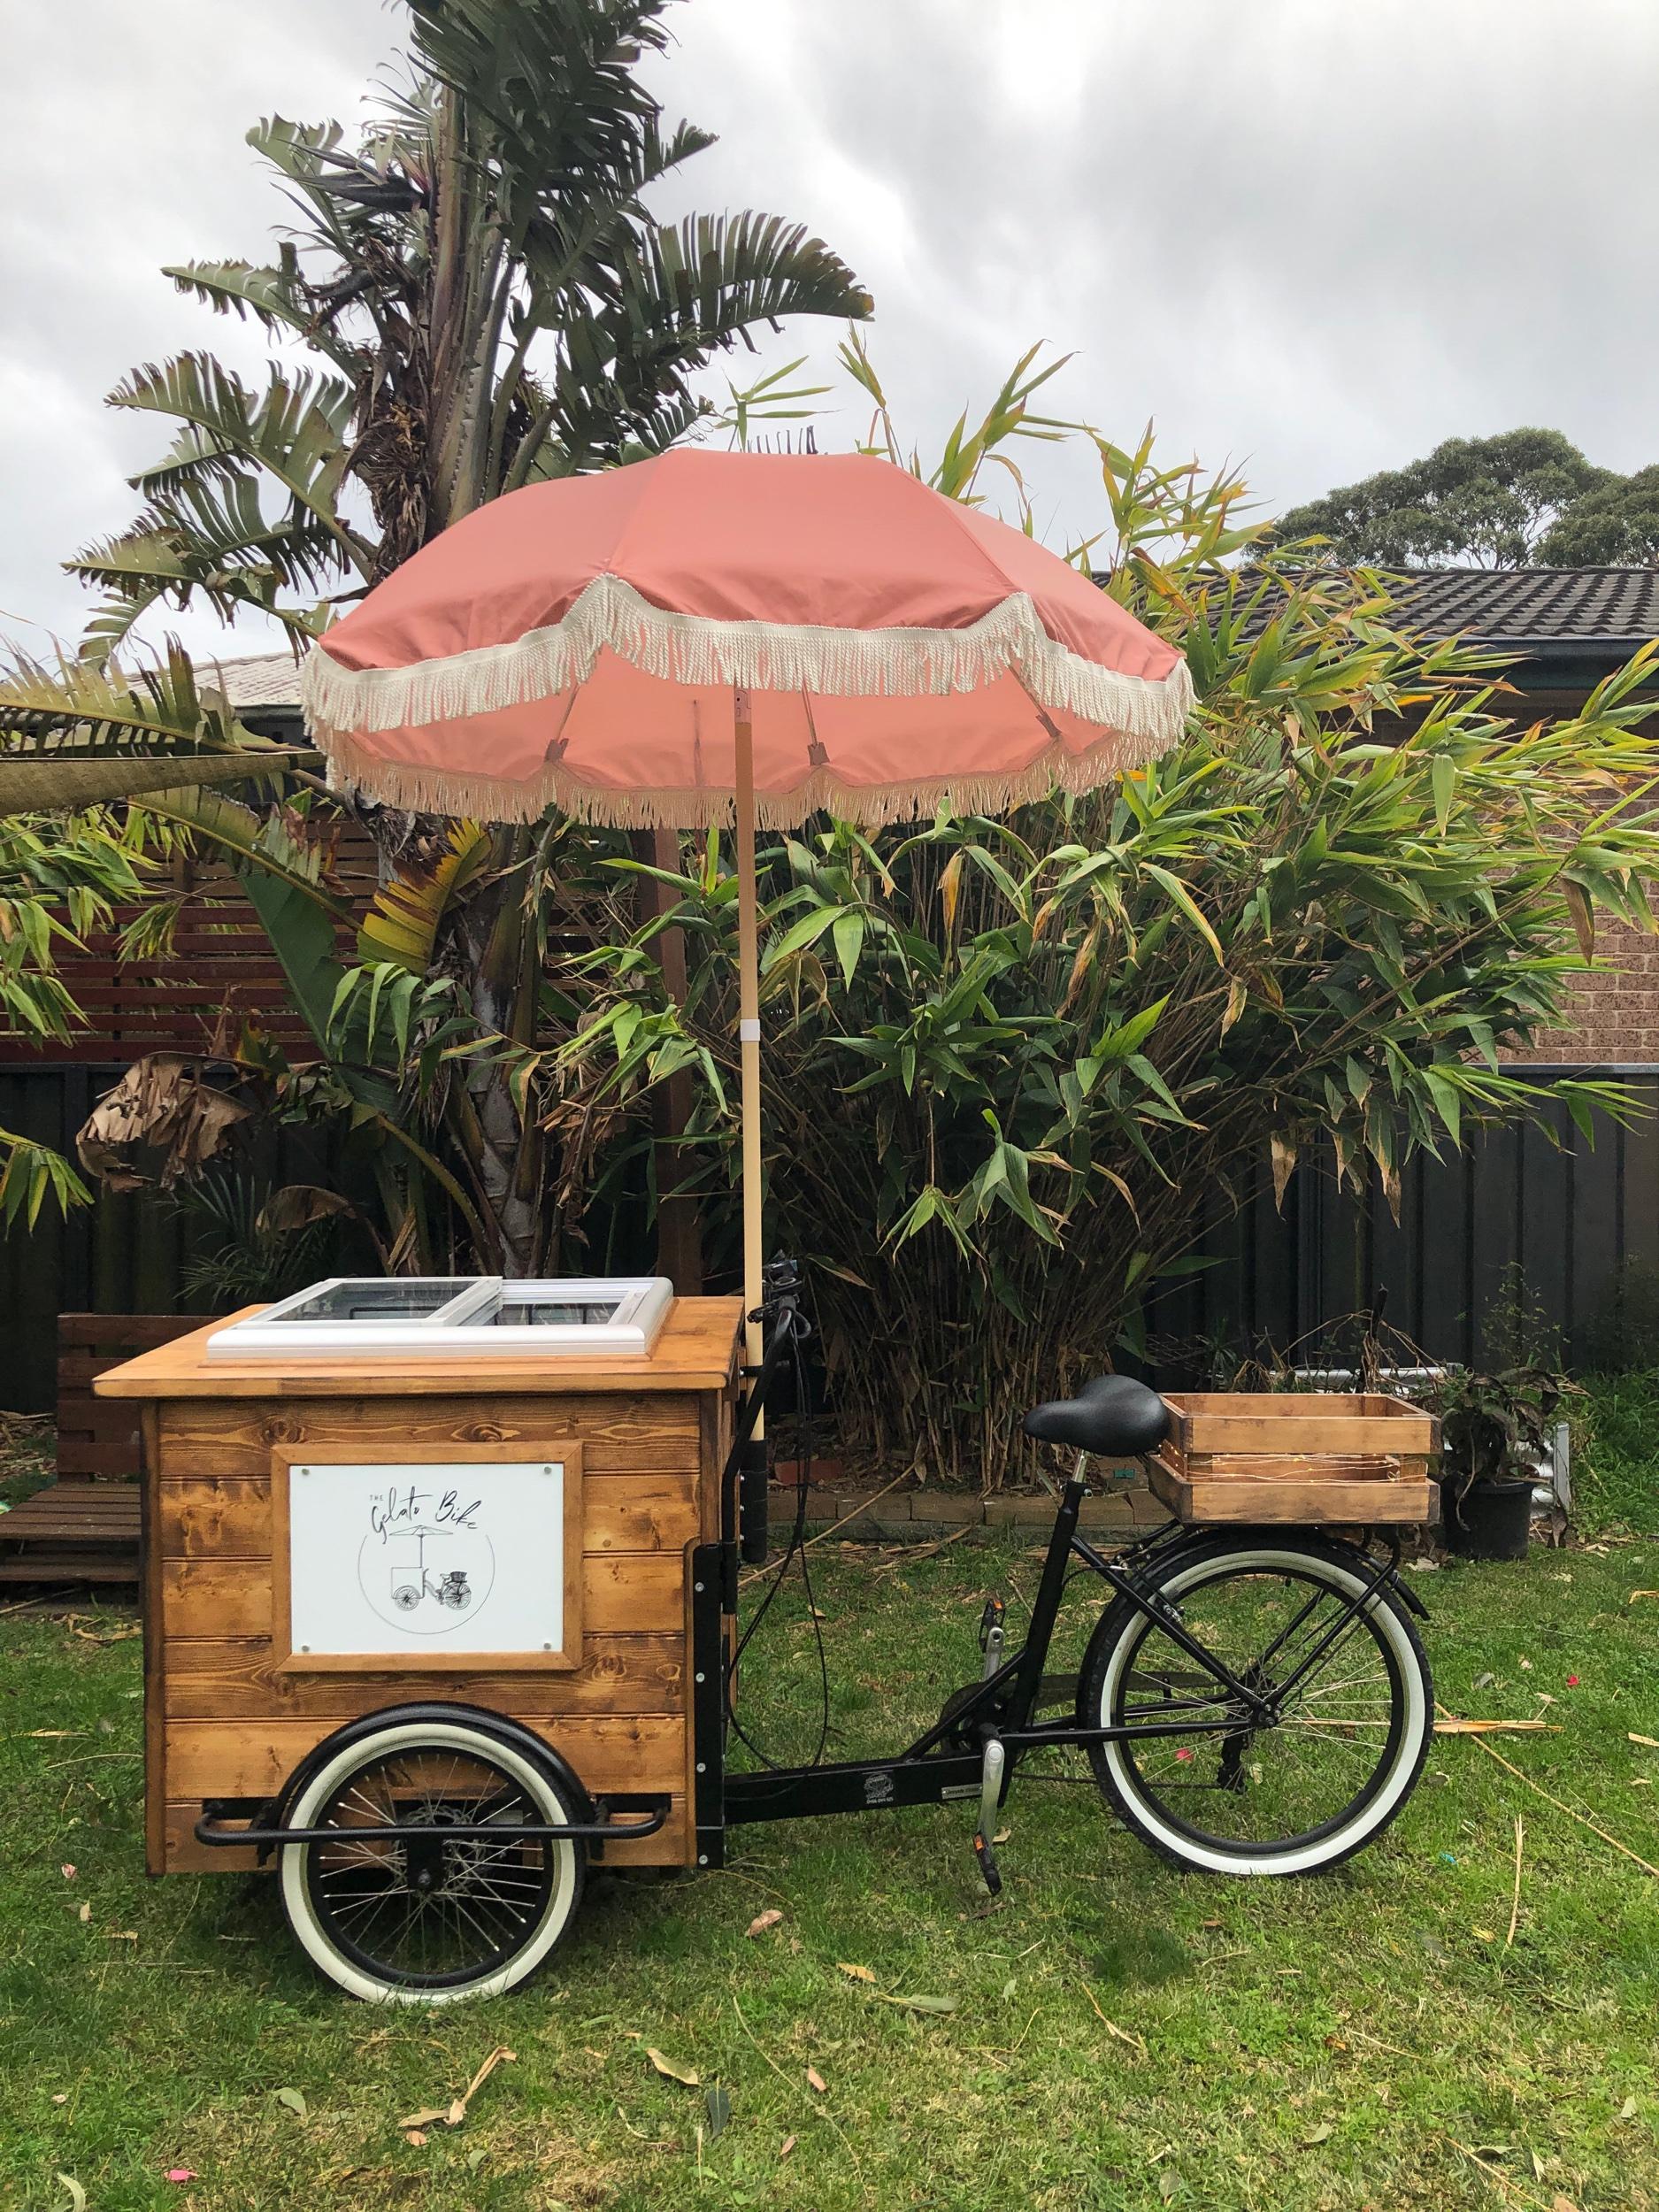 Wood Bike - Coral ☂️